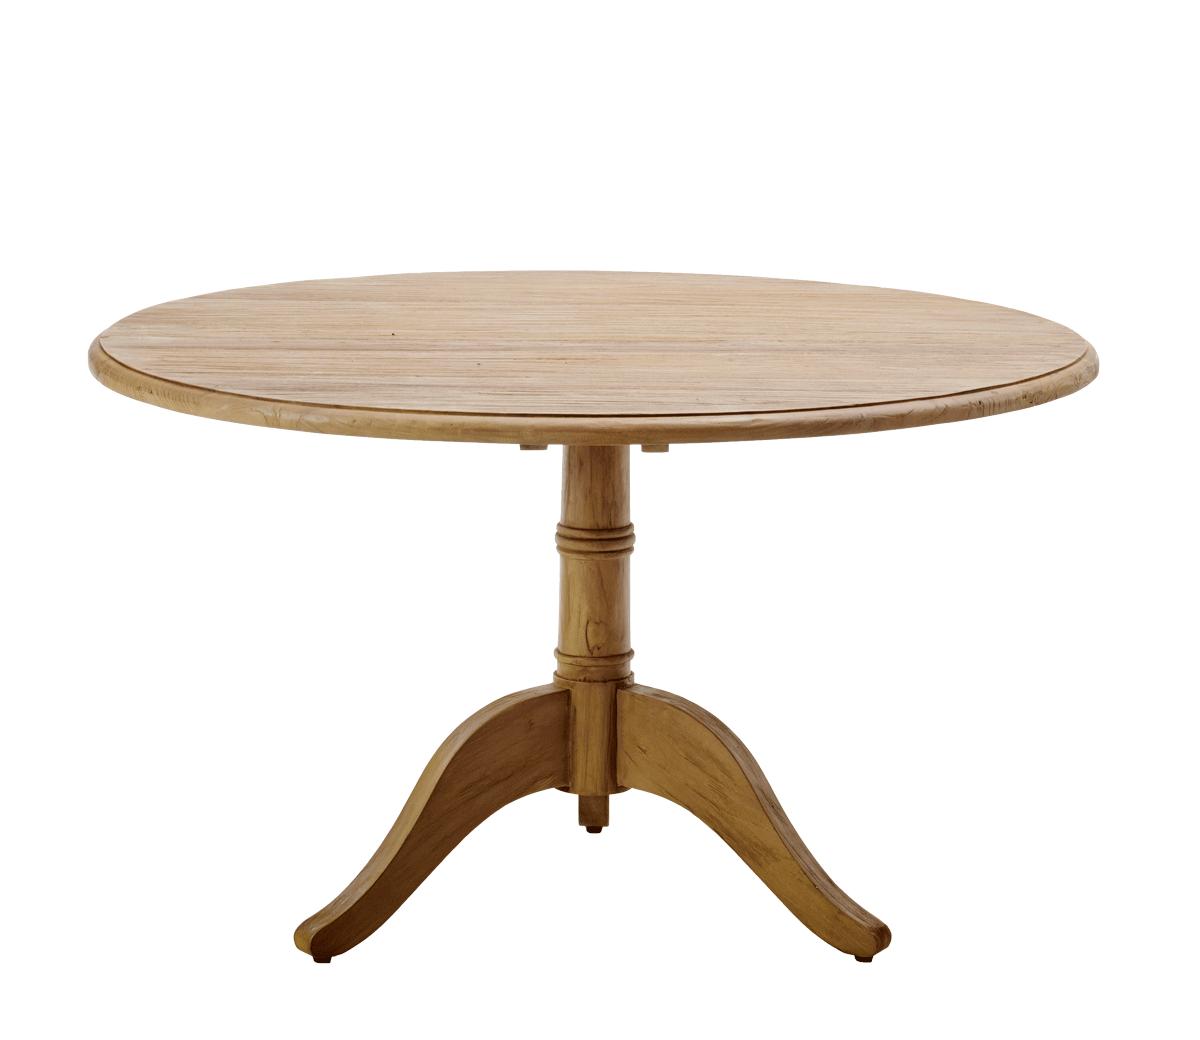 Table ronde michel diam tre 120cm for Table ronde design diametre 80 cm